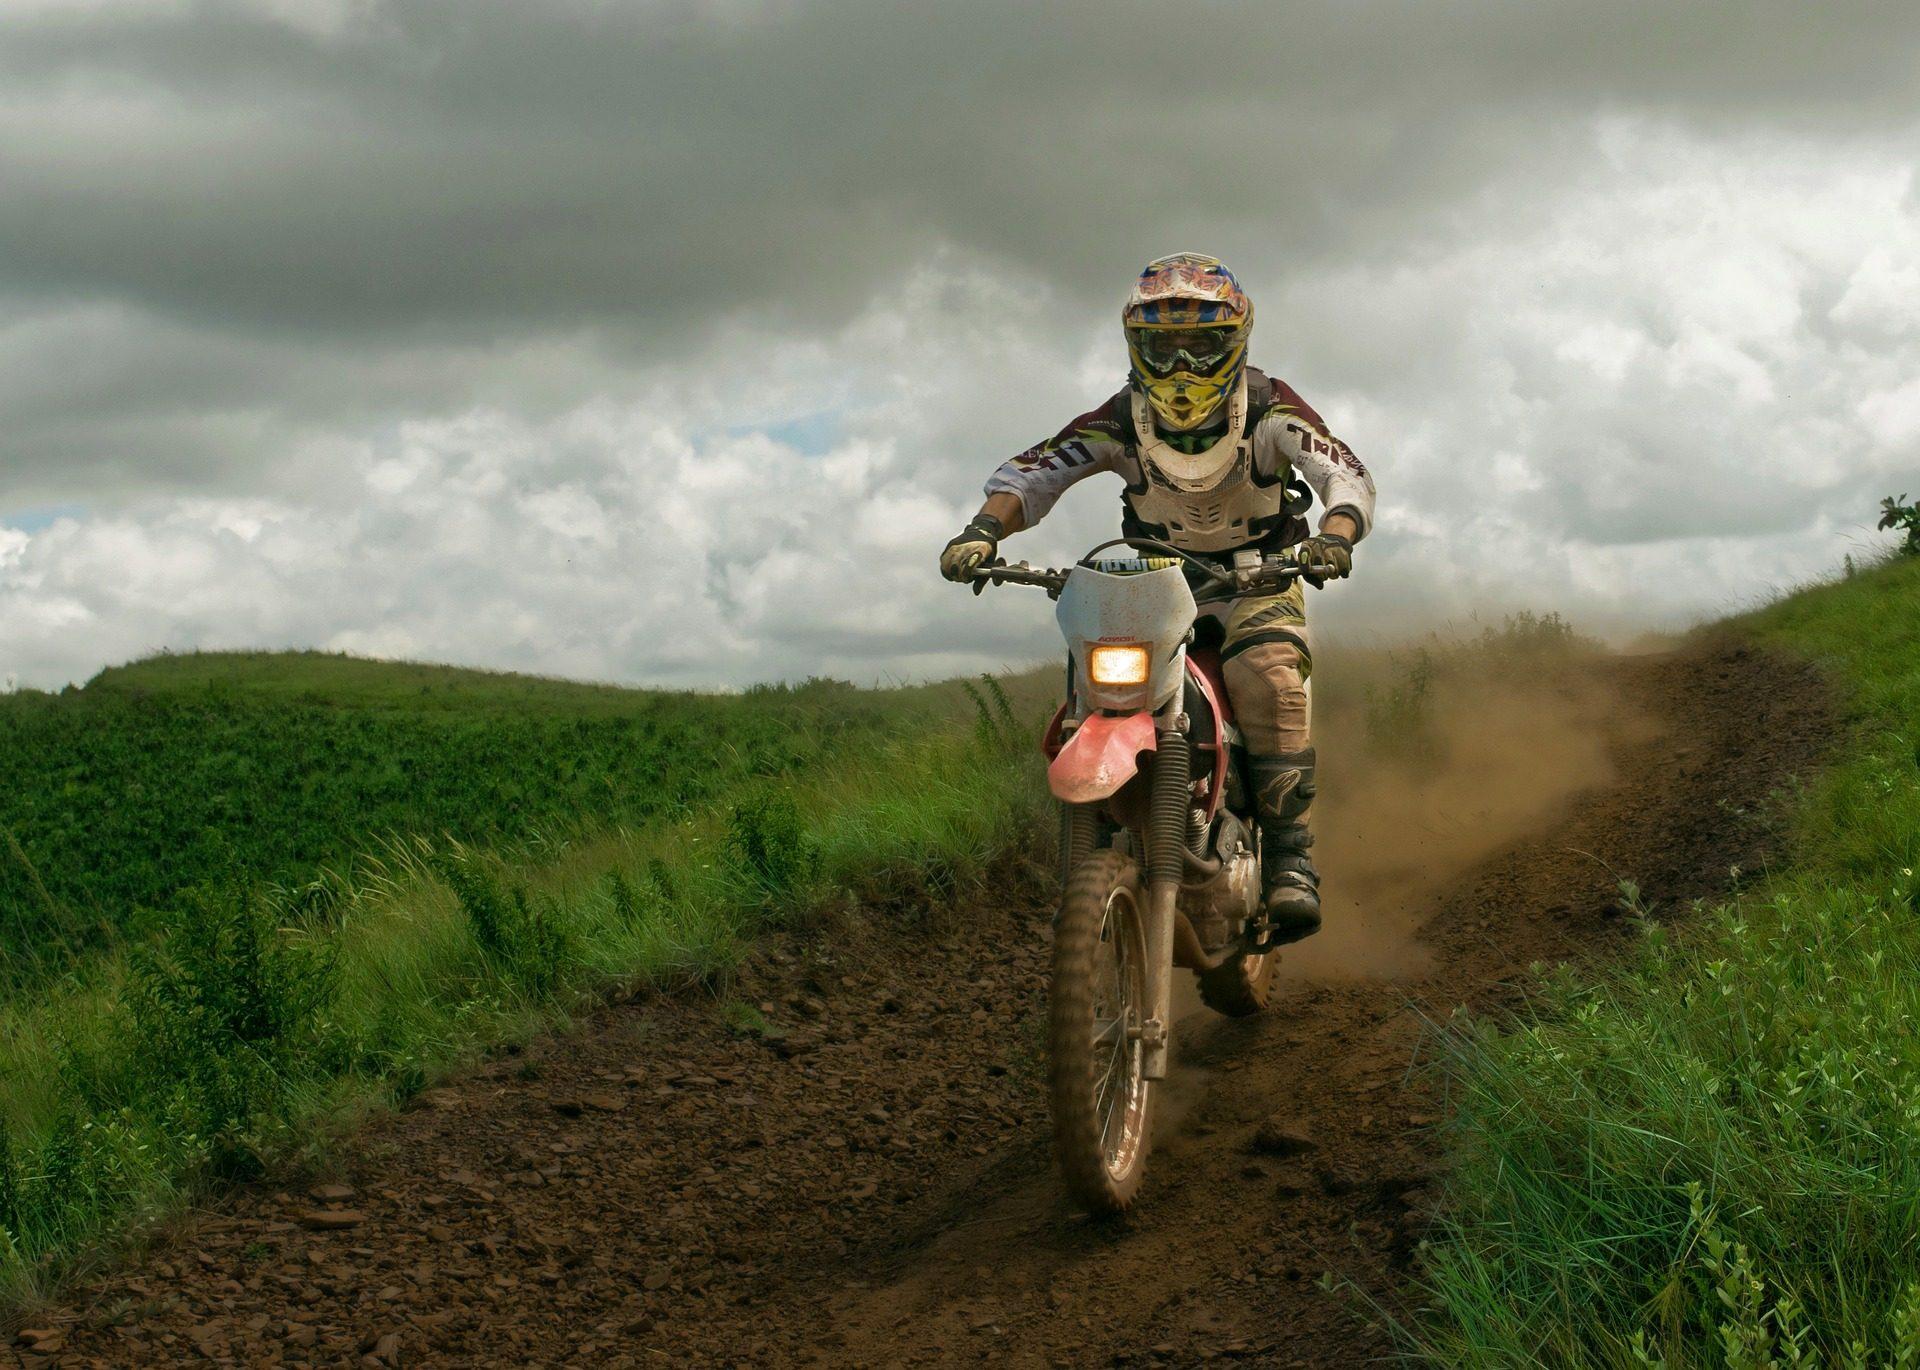 Moto, मोटोक्रॉस, सड़क, पृथ्वी, कीचड़, आकाश, बादल - HD वॉलपेपर - प्रोफेसर-falken.com